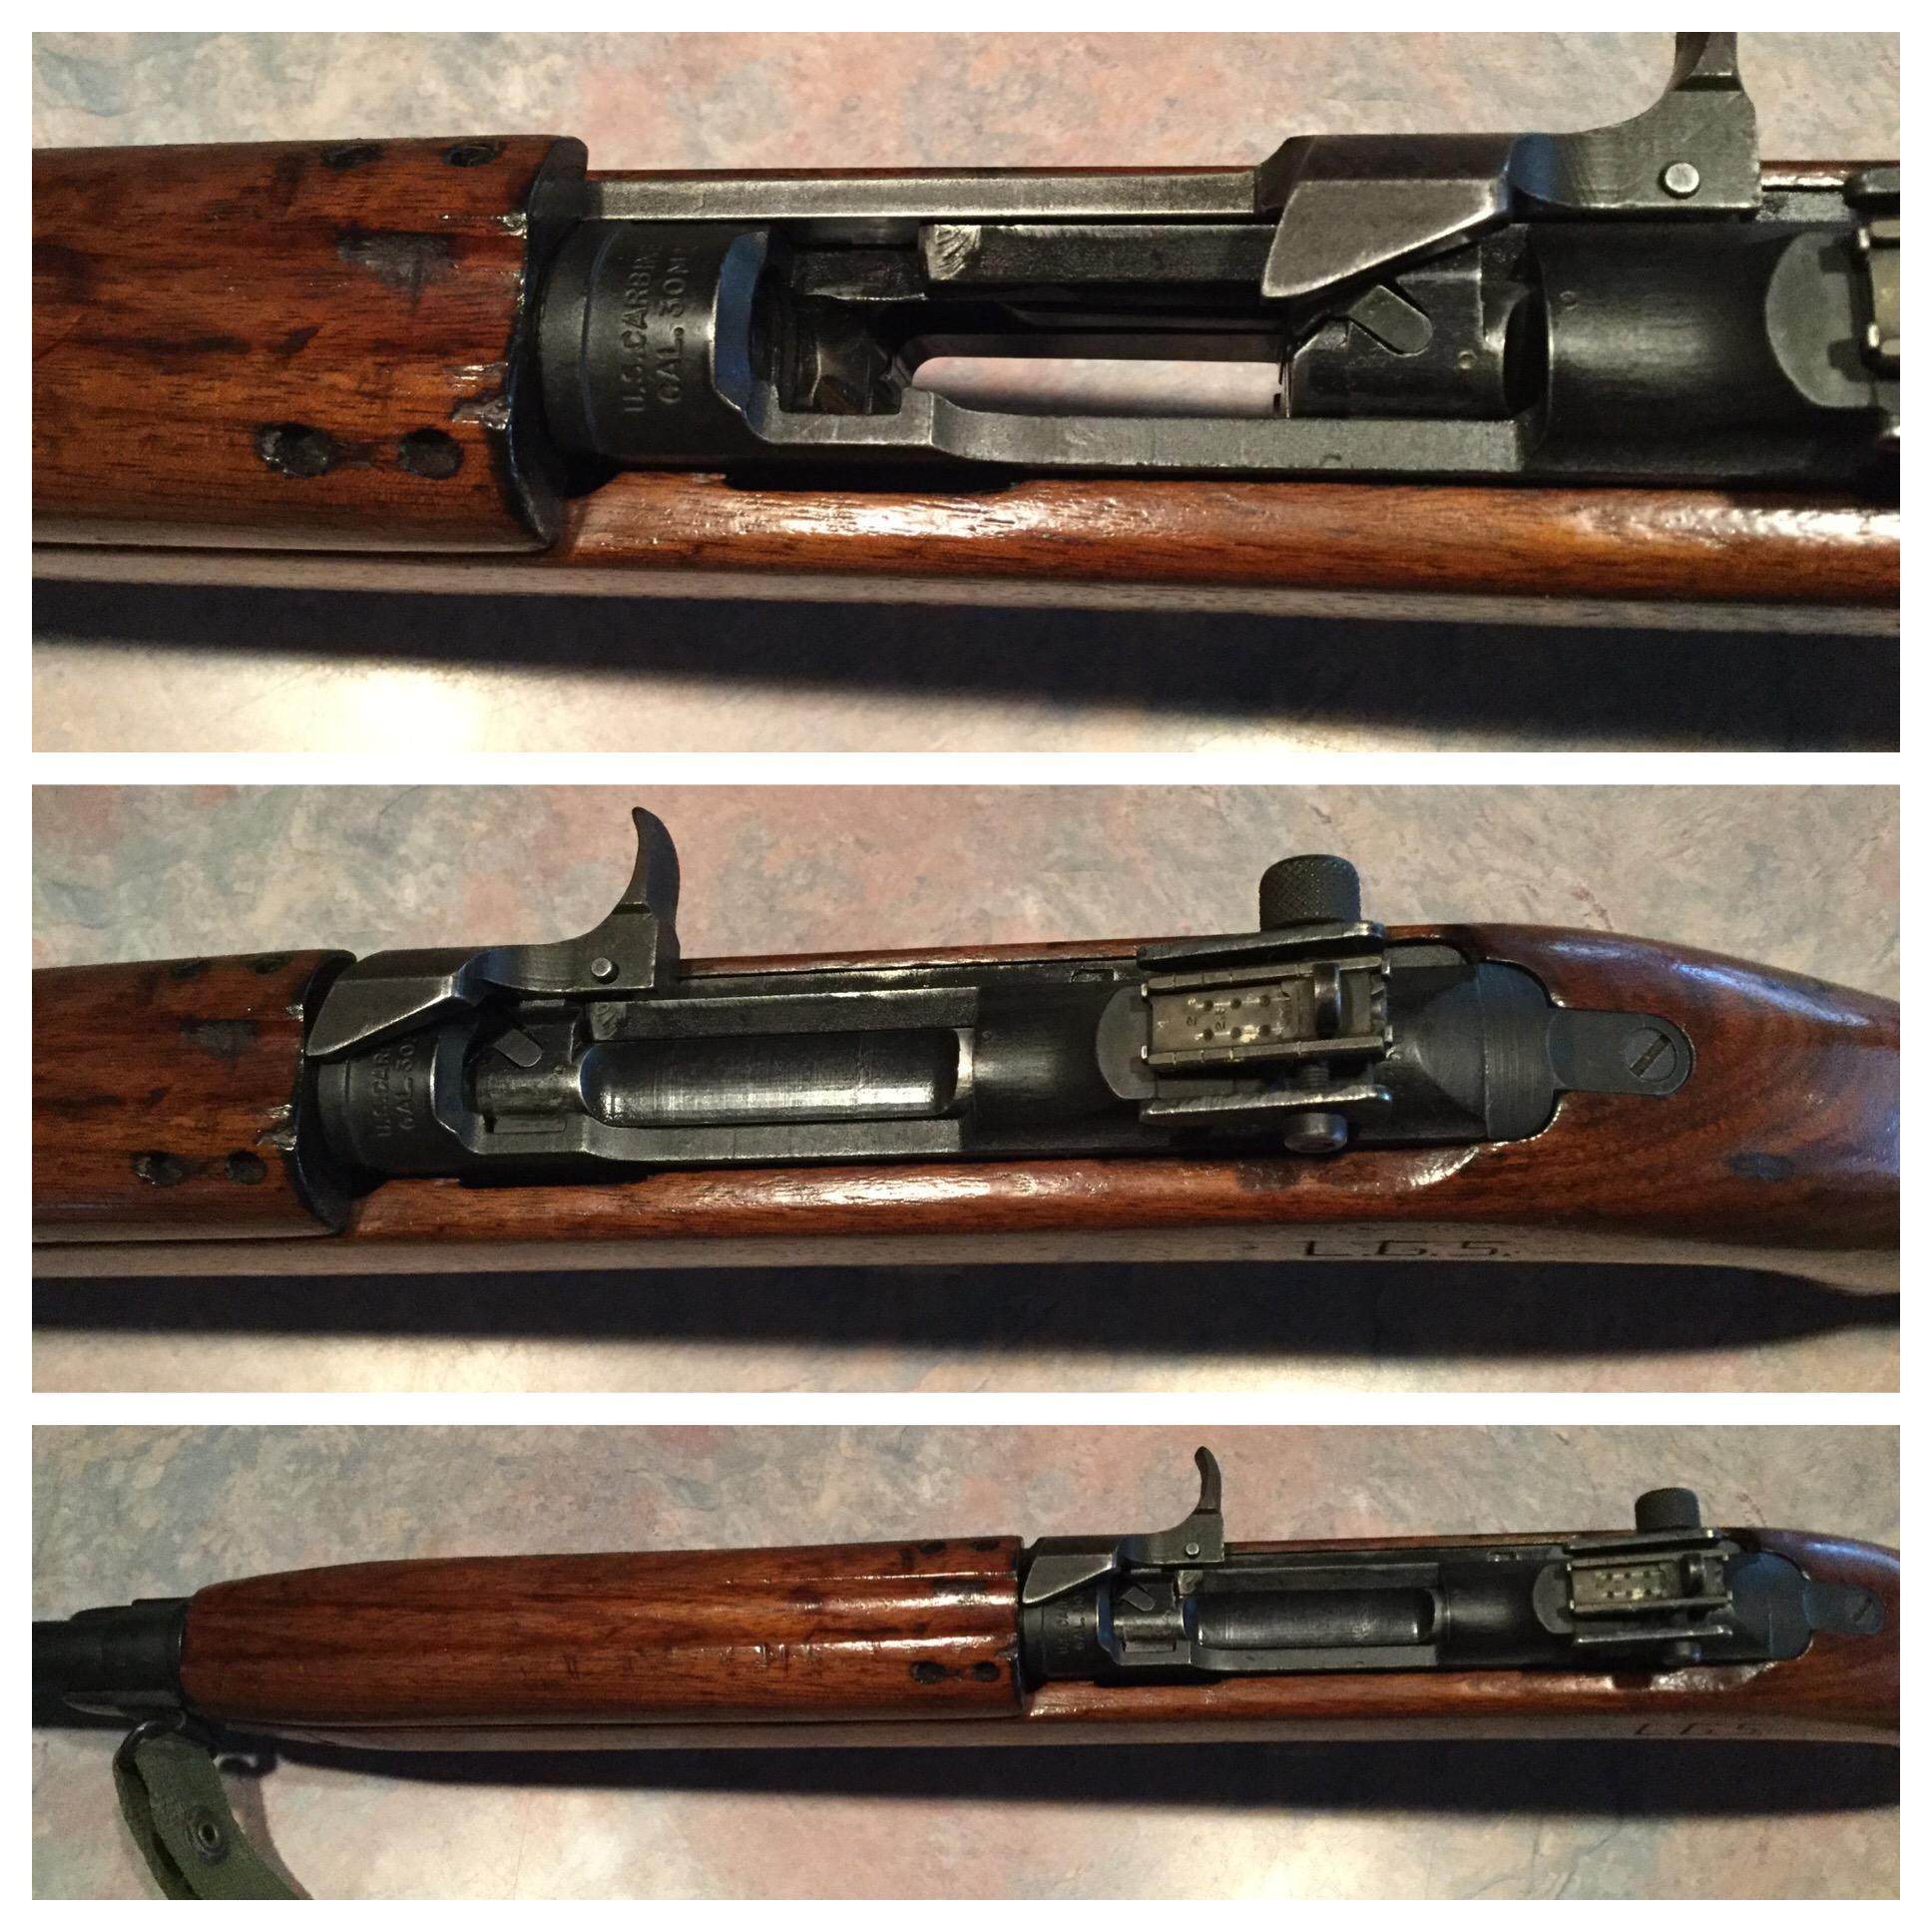 WTS:  M1 Carbines-dd9395cb-4026-4cba-ad12-87e9f1026fa2.jpeg